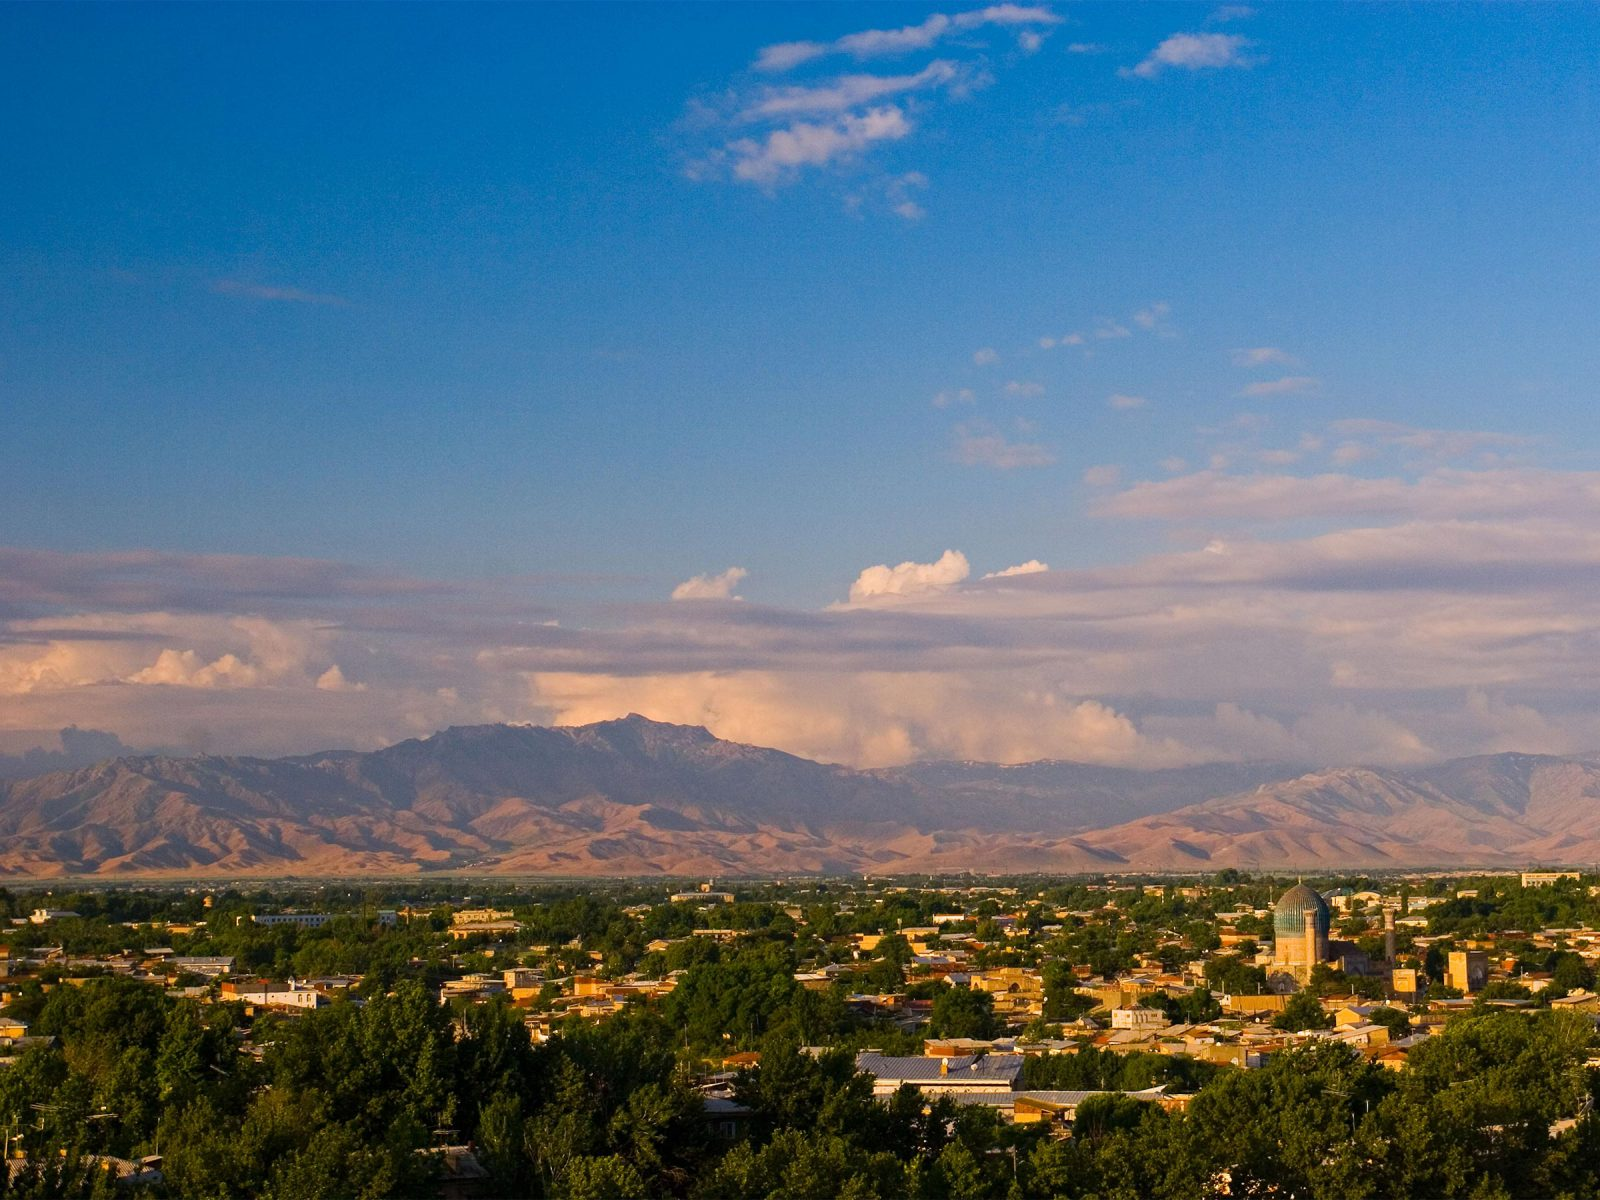 View of Samarkand, Uzbekistan. Photograph © Michele Falzone / Alamy Stock Photo.